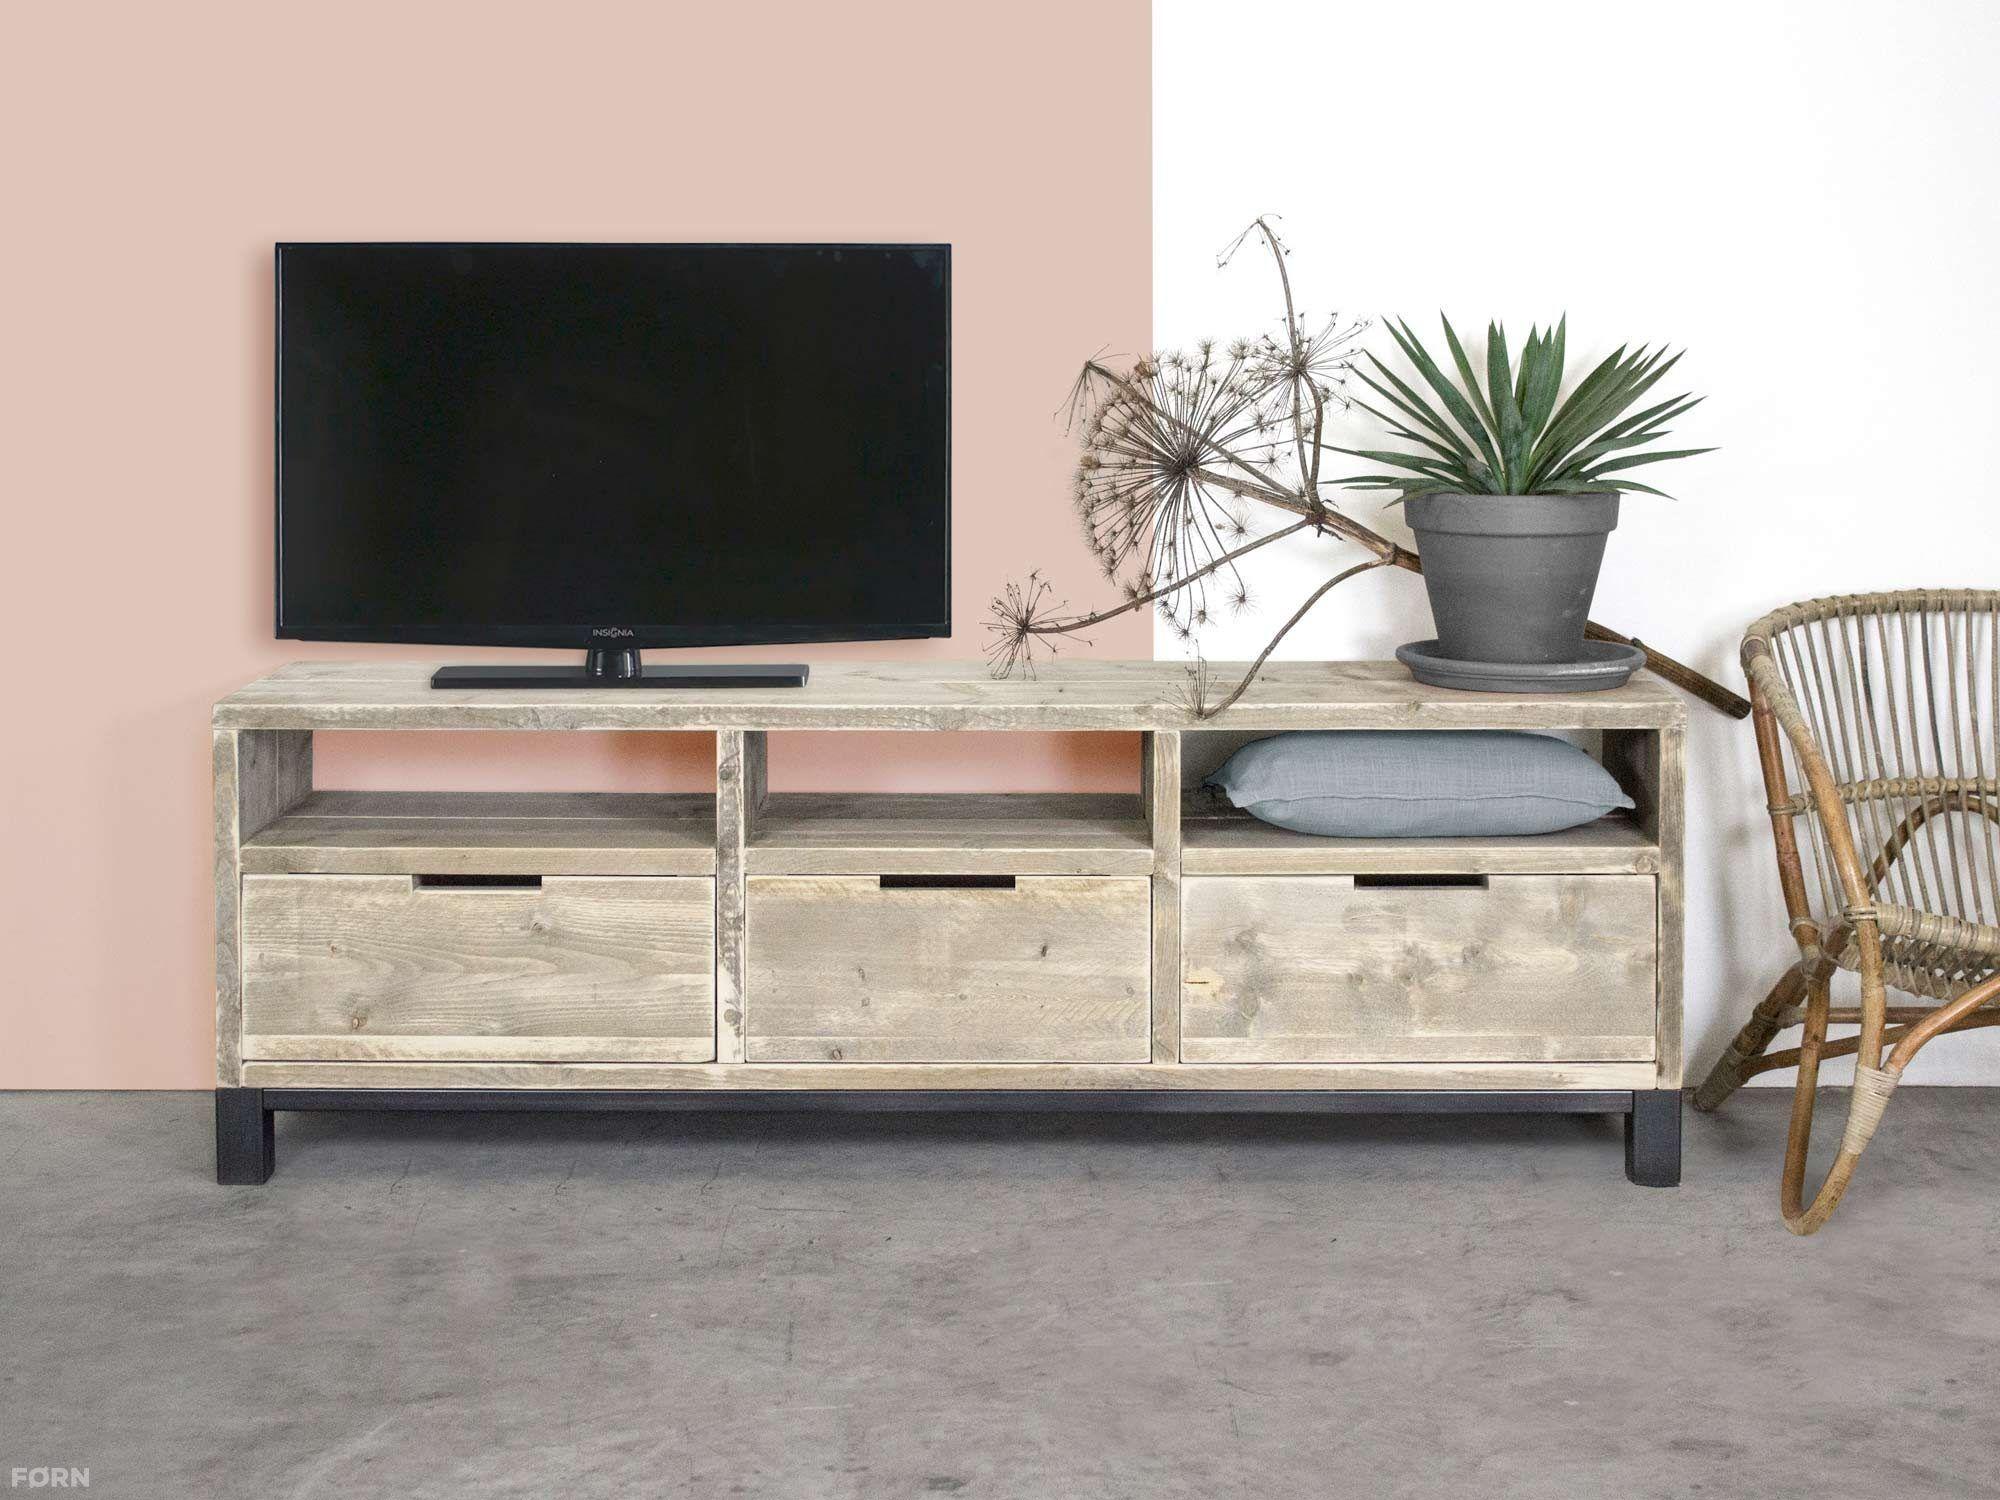 bauholz tv schrank im industriellen design mit stahl k che wohnzimmer wohnideen b ro. Black Bedroom Furniture Sets. Home Design Ideas